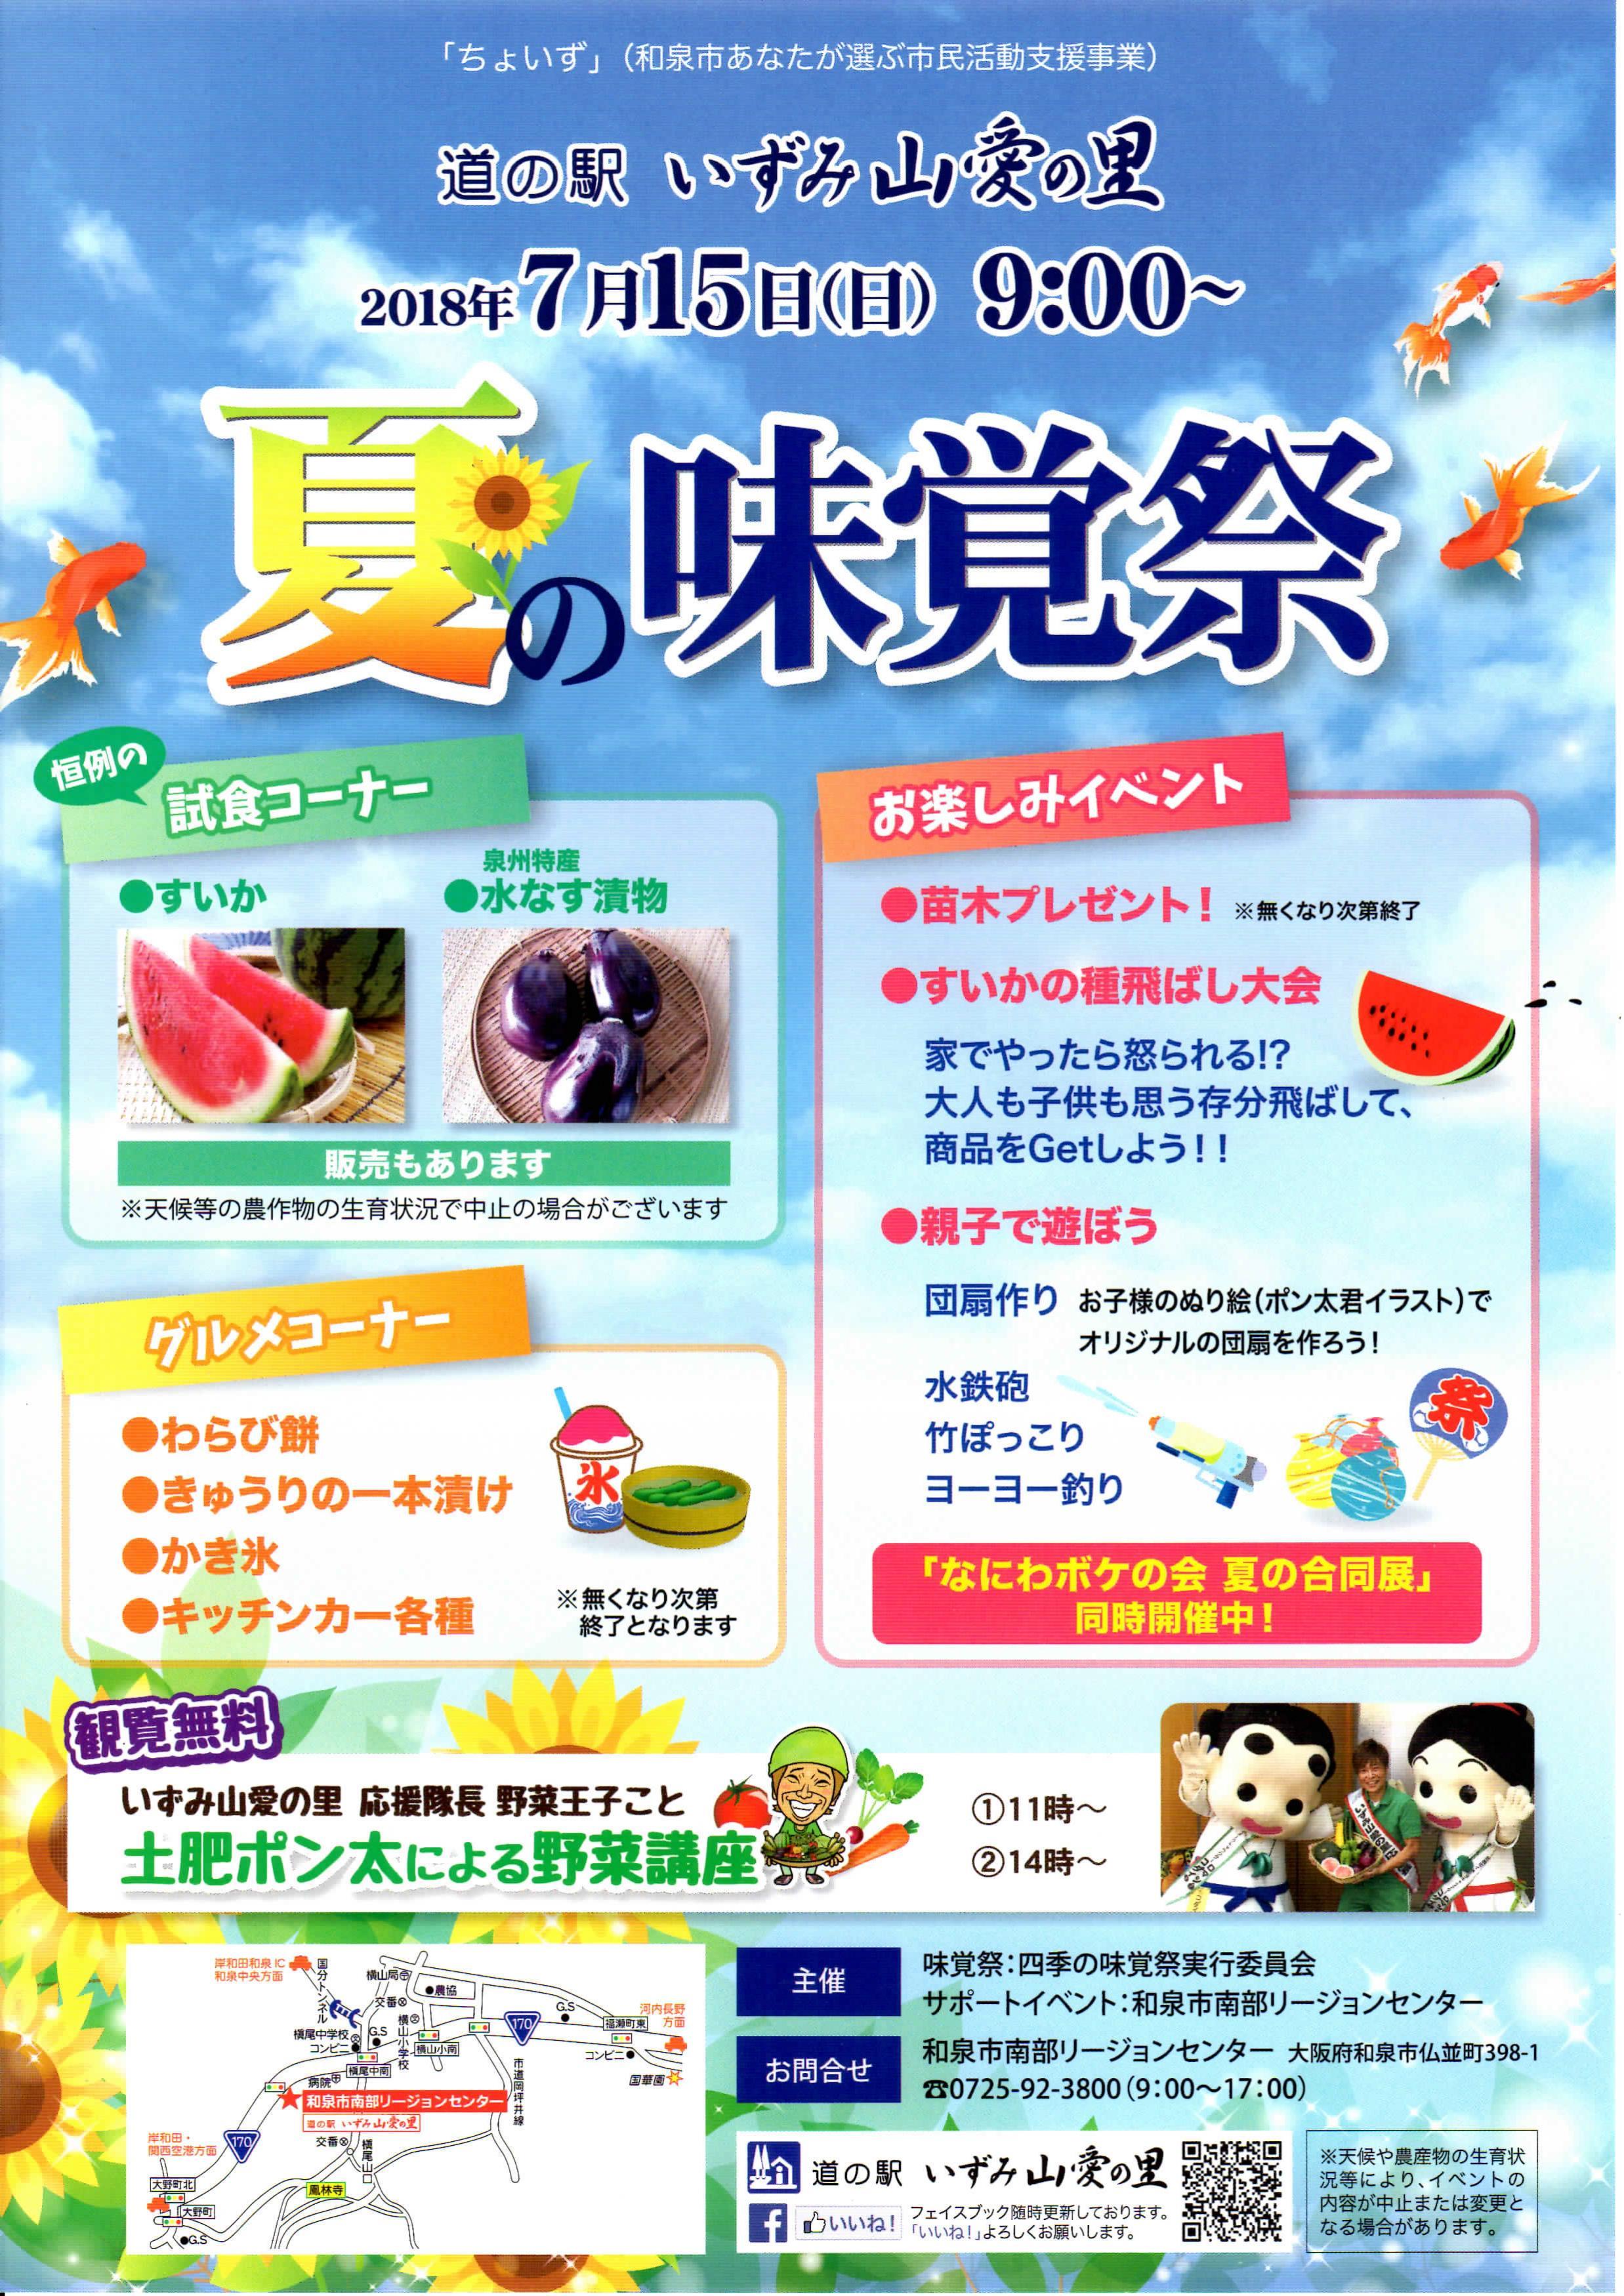 道の駅 いずみ山愛の里『夏の味覚祭』7月15日(日) 開催!!